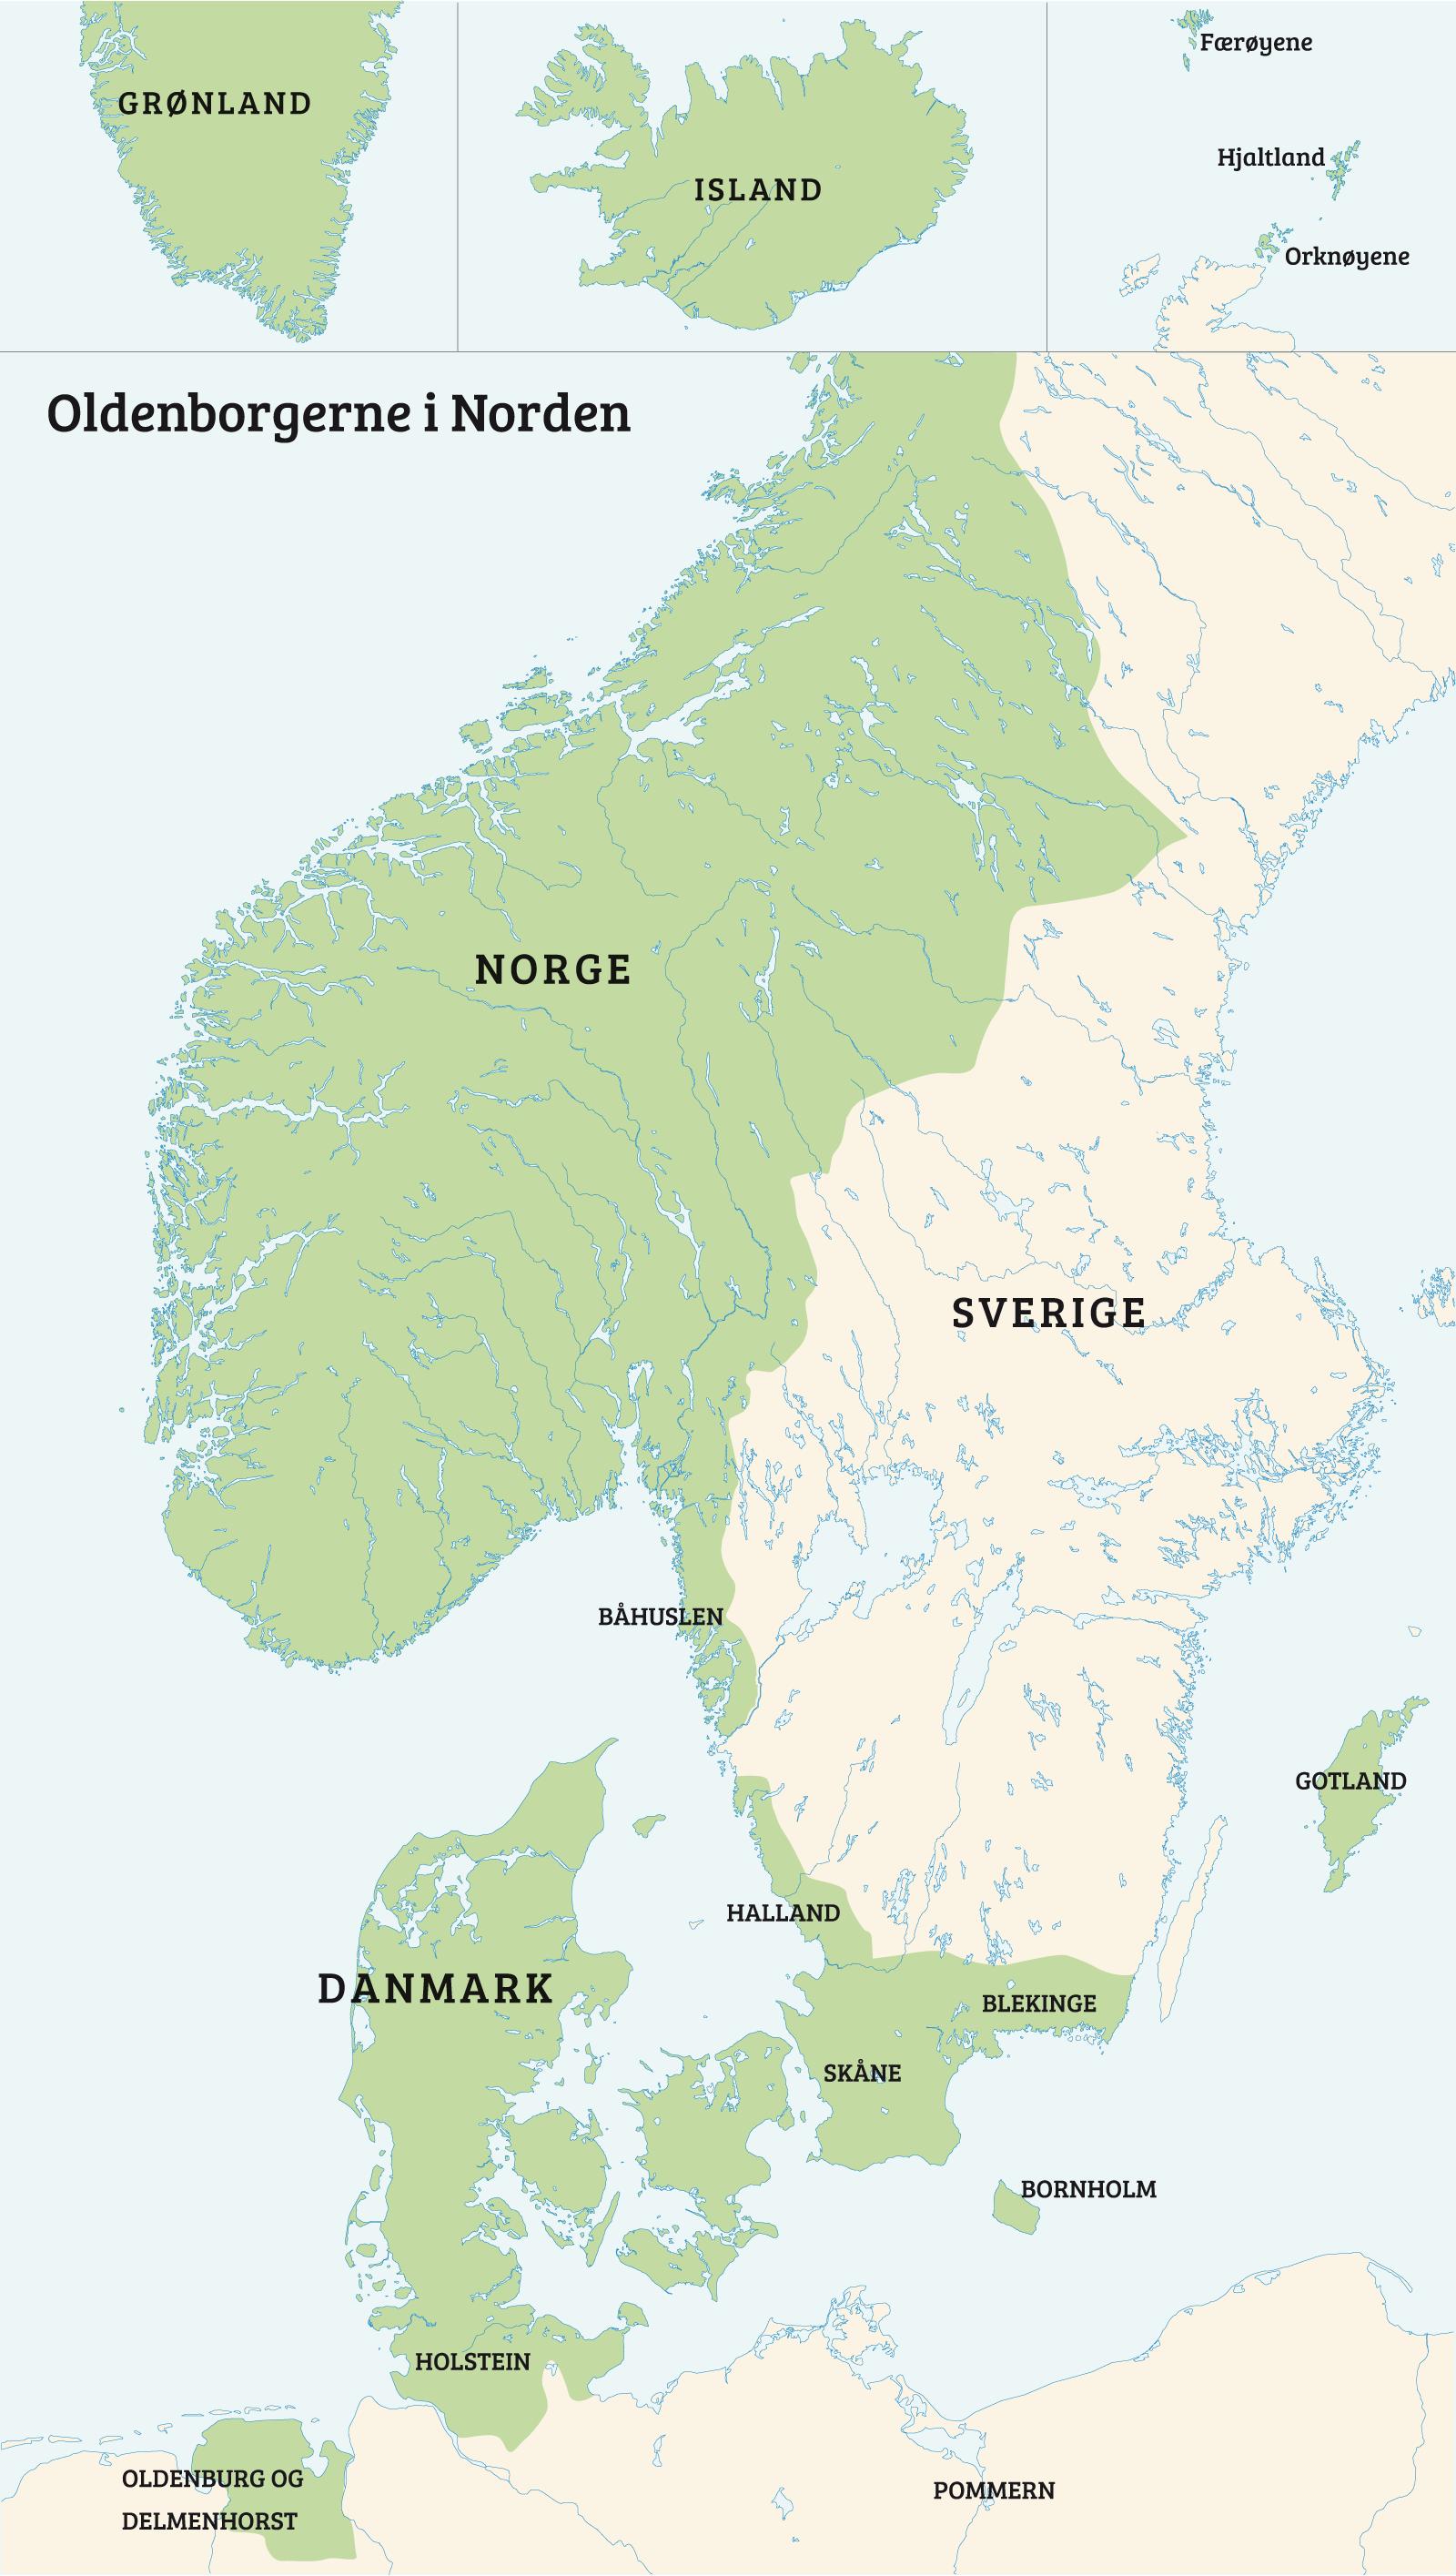 kart danmark norge Det danske adelsveldet i Norge 1536–1660   Norgeshistorie kart danmark norge